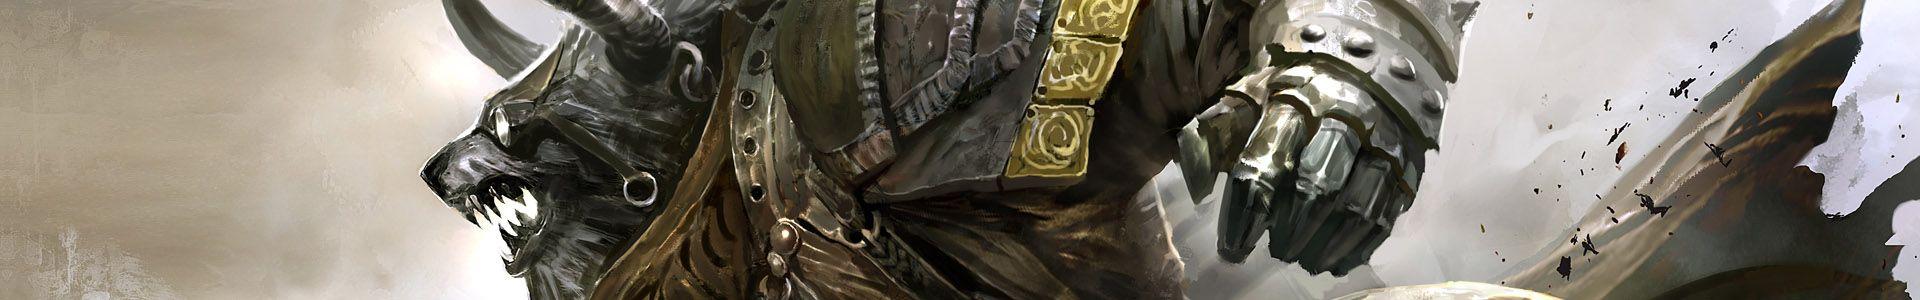 Guild Wars 2 Gems kaufen